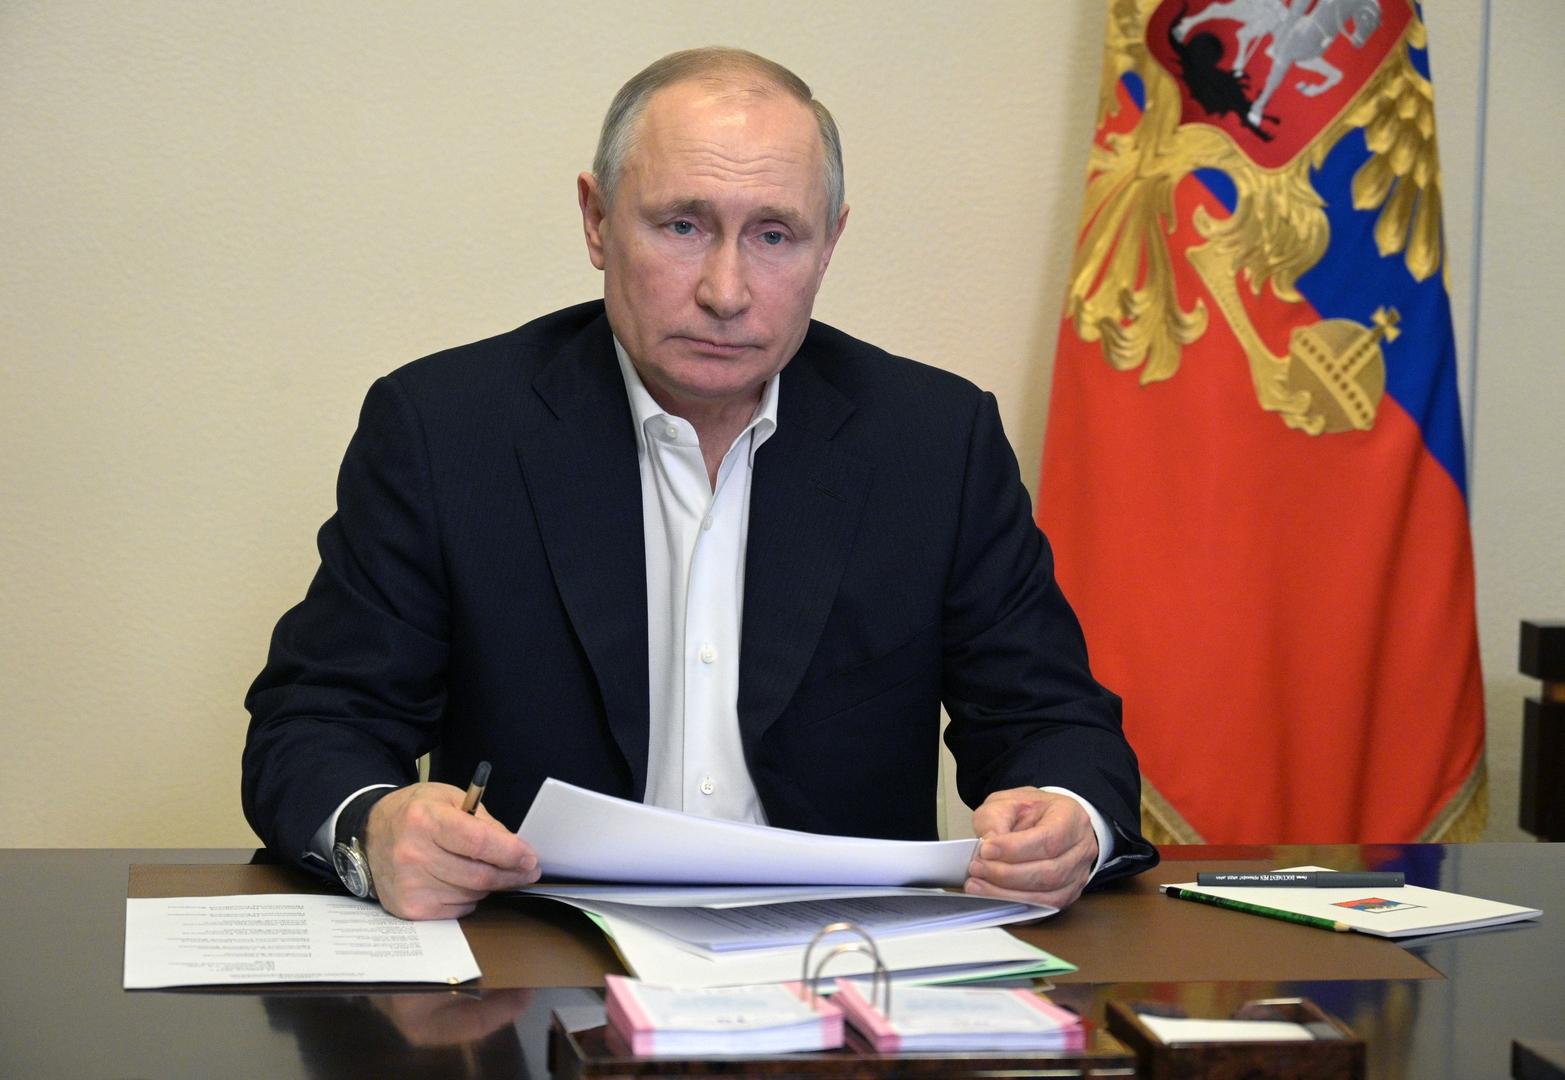 صورة من الأرشيف - الرئيس الروسيفلاديمير بوتين